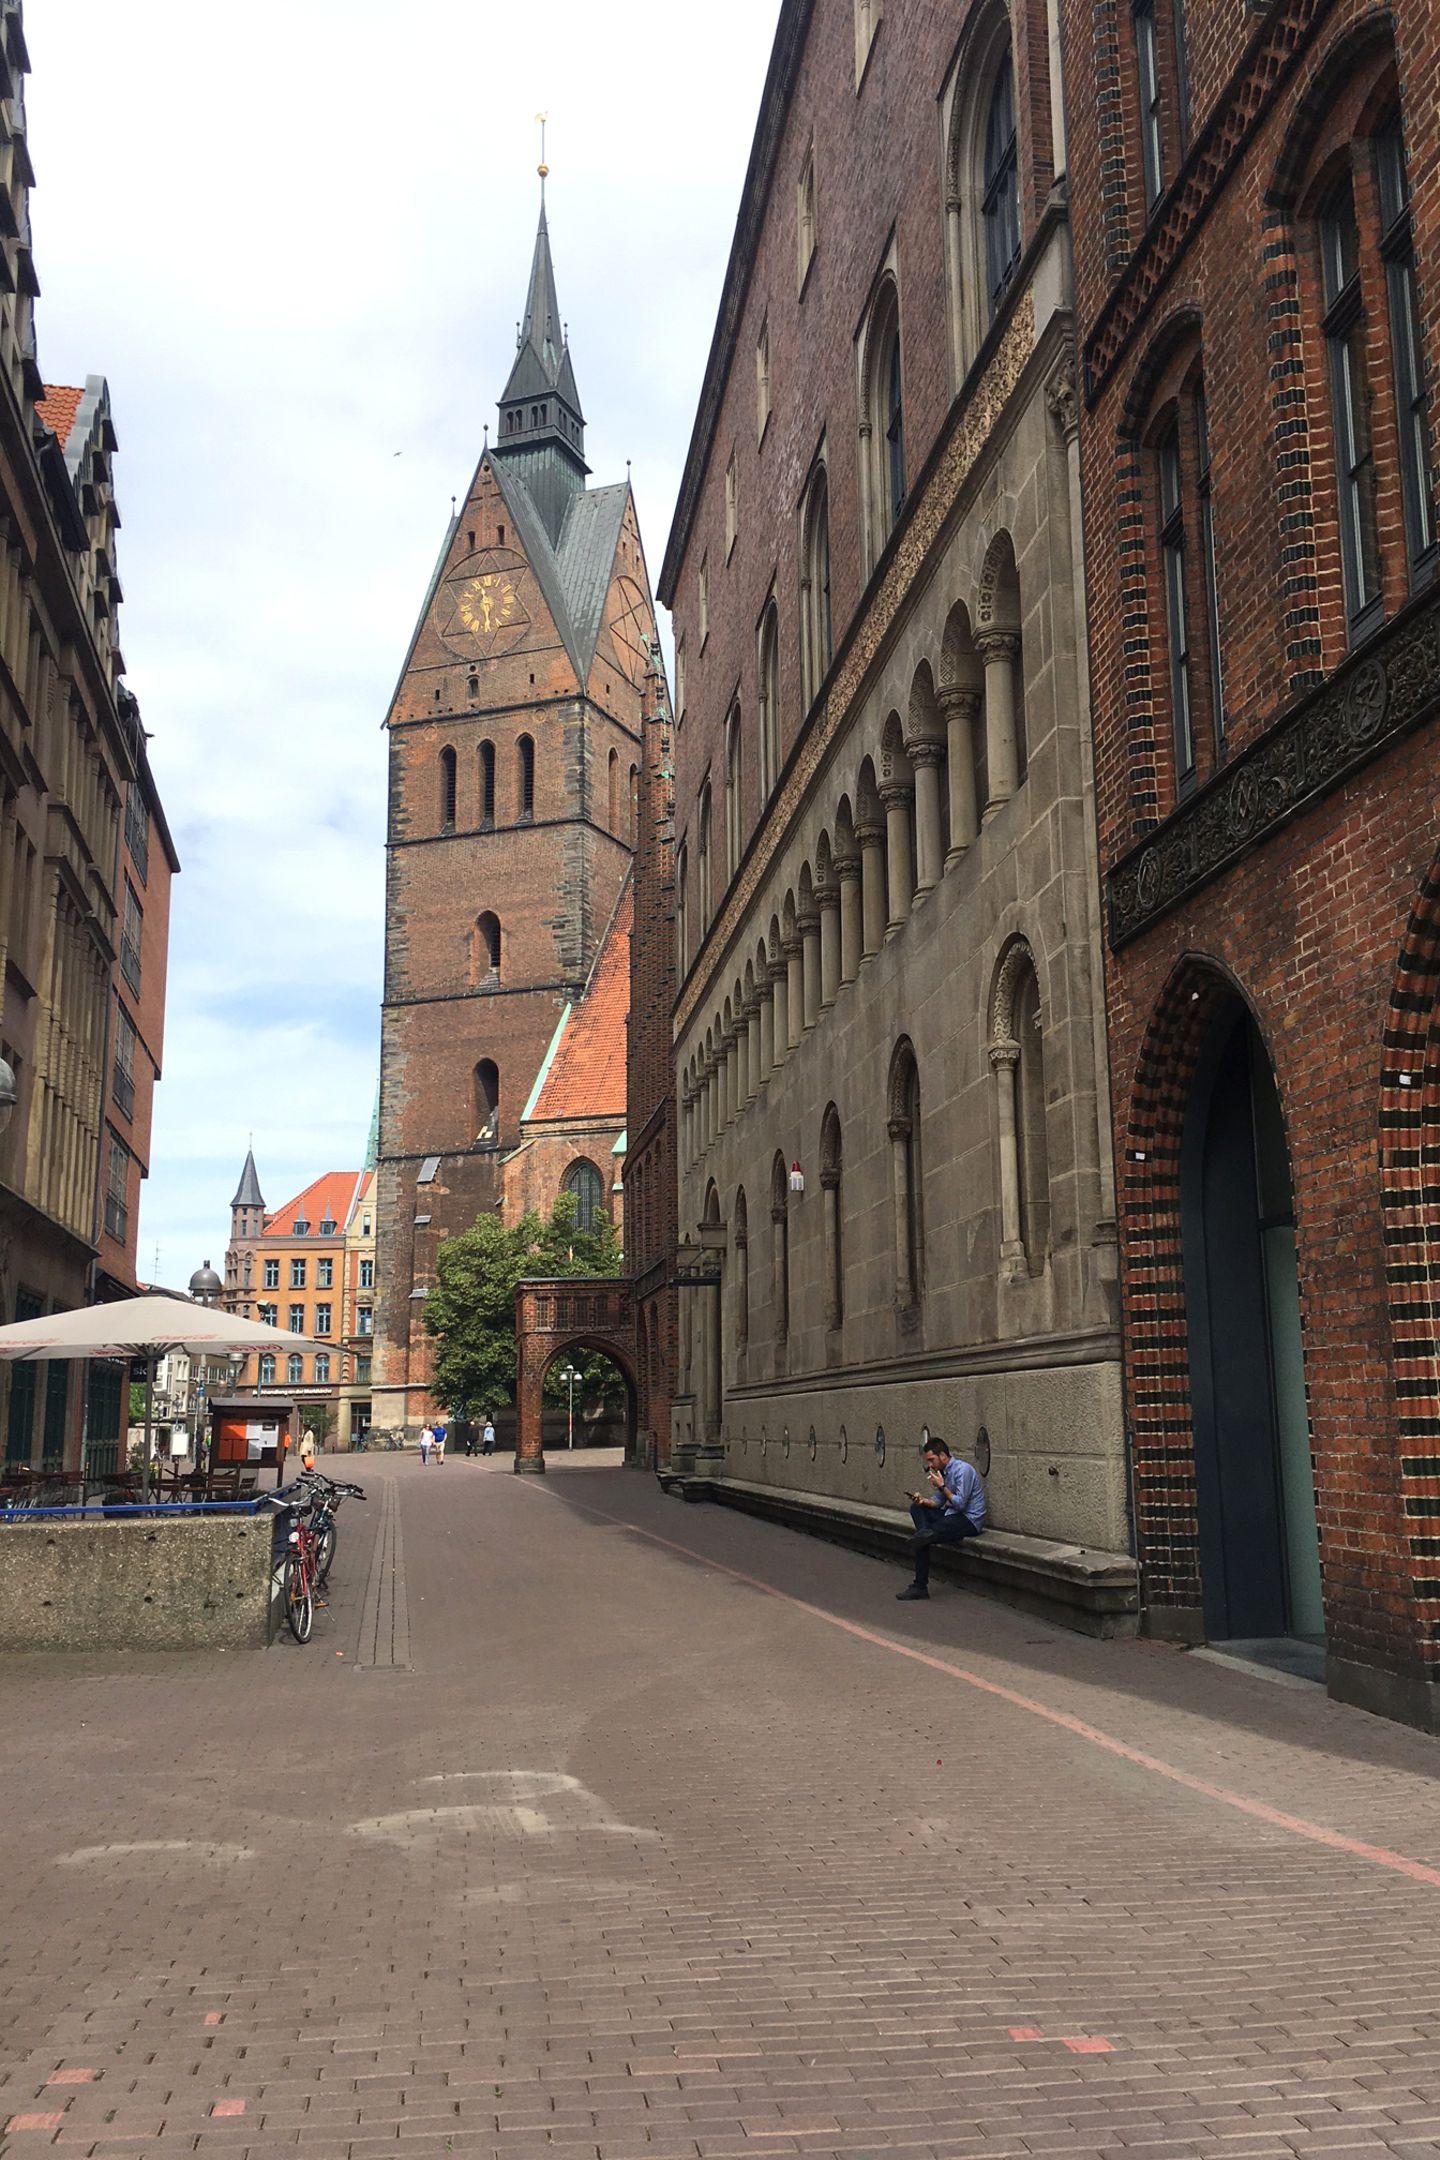 In der Marktkirche in Hannovers Altstadt wird am 8. Juli die kirchliche Trauung mit 600 geladenen Gästen stattfinden.